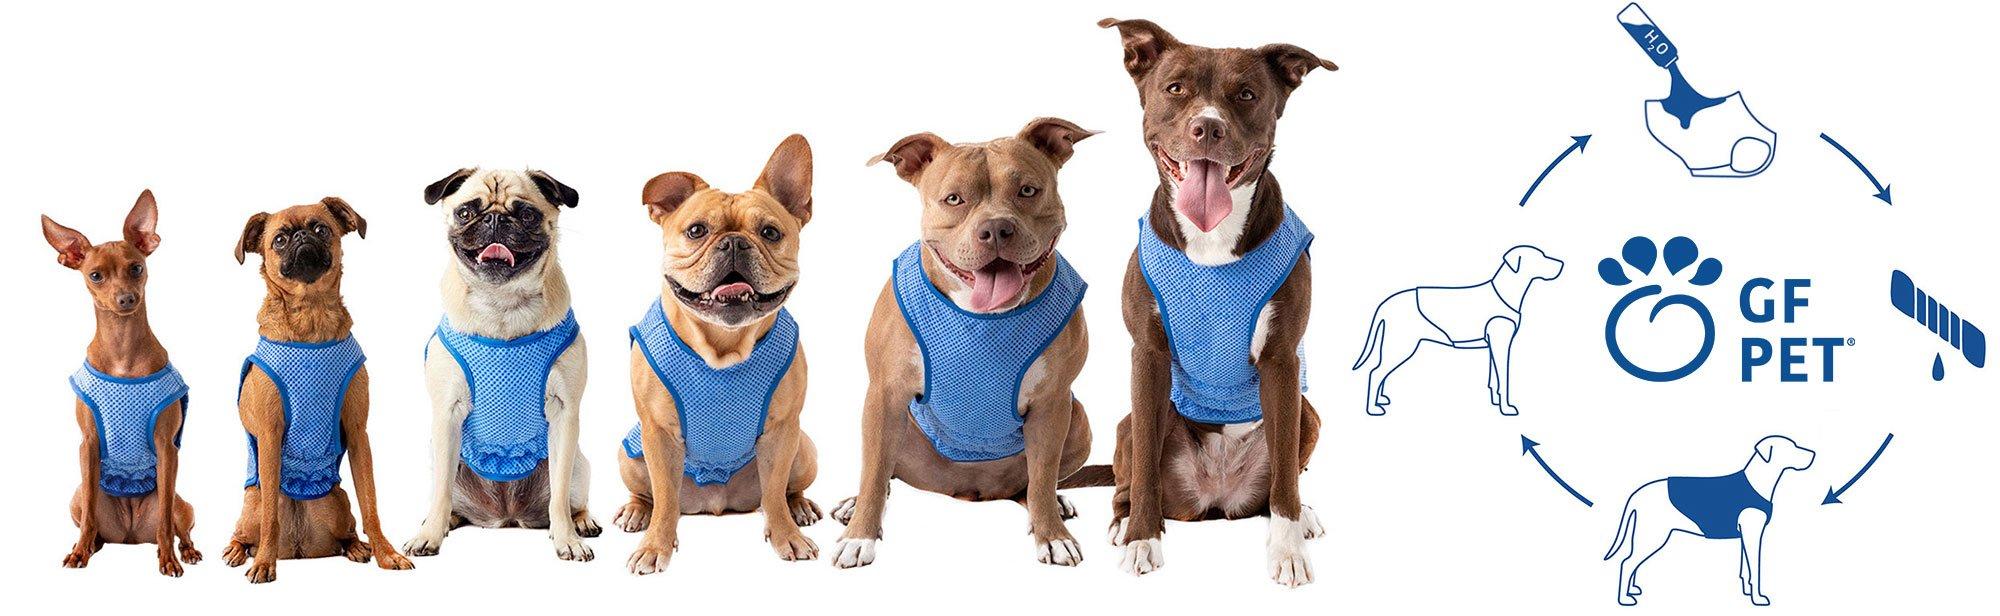 GF Pet Hundebekleidung, Bild 1